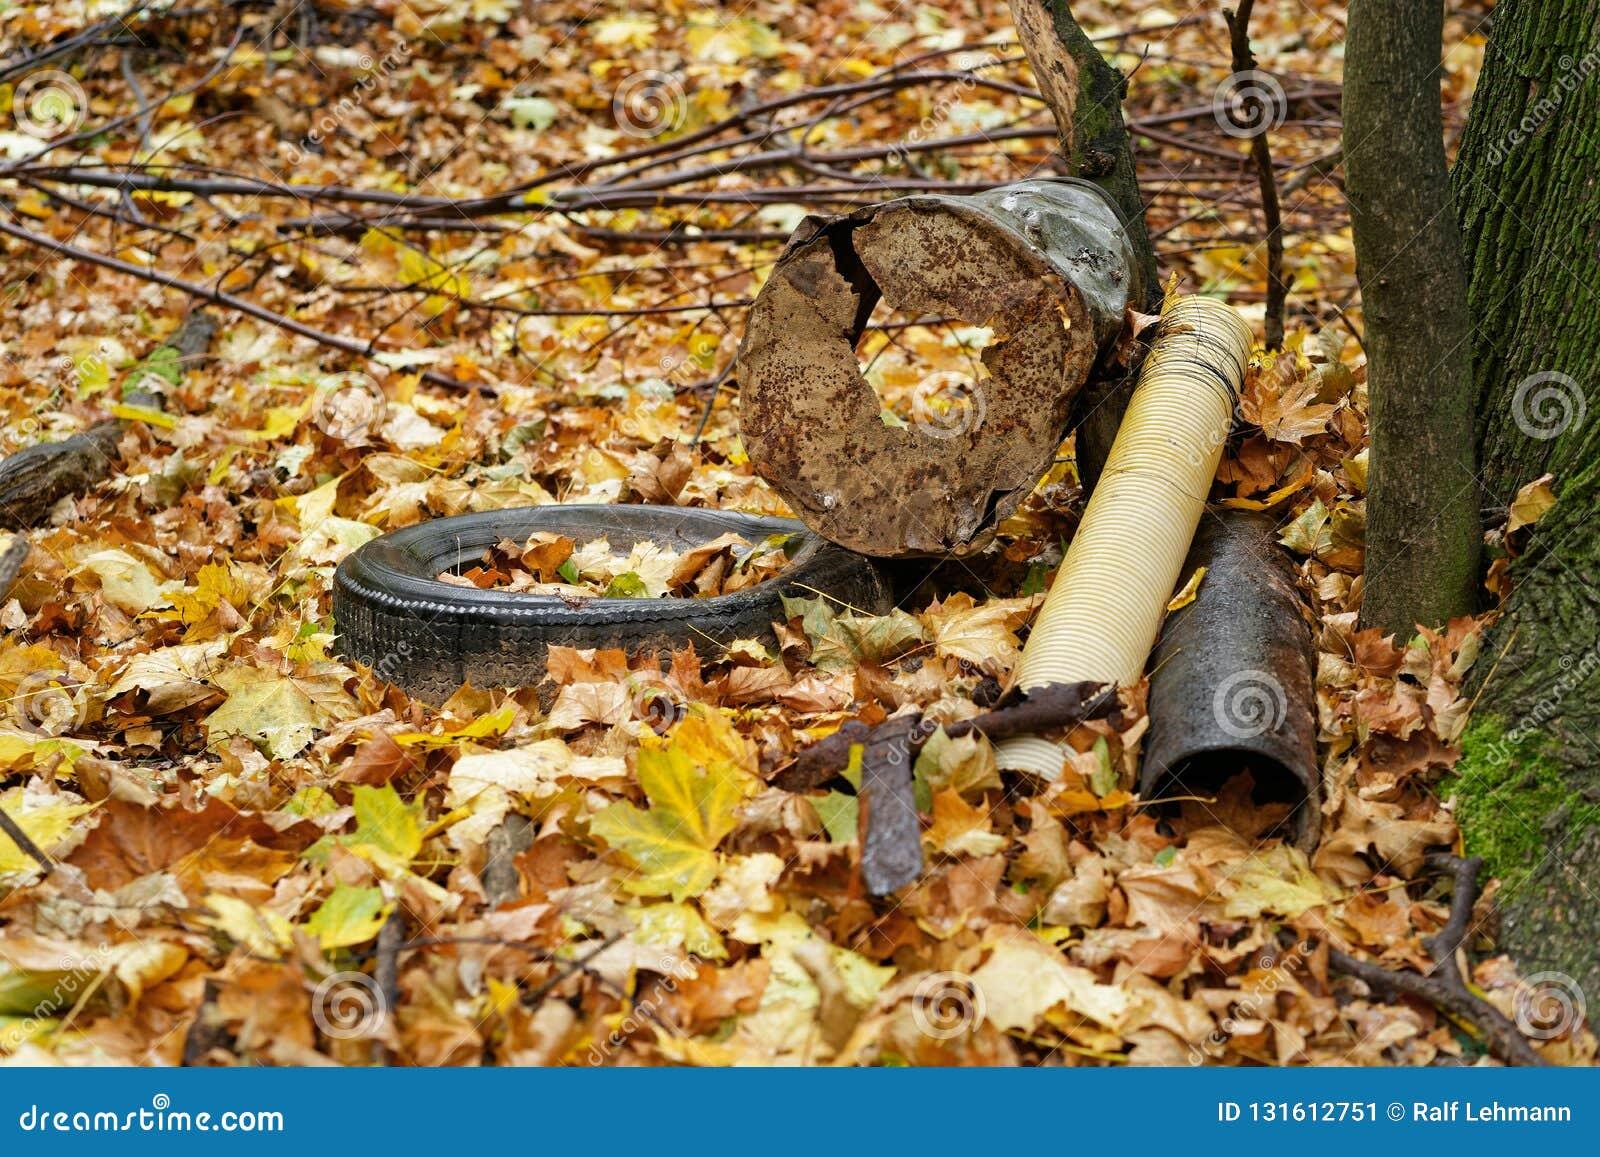 Avskrädeinsättningen i skogen på ett träd, bilgummihjul, metallskrot, delar, höstsidor täcker jordningen